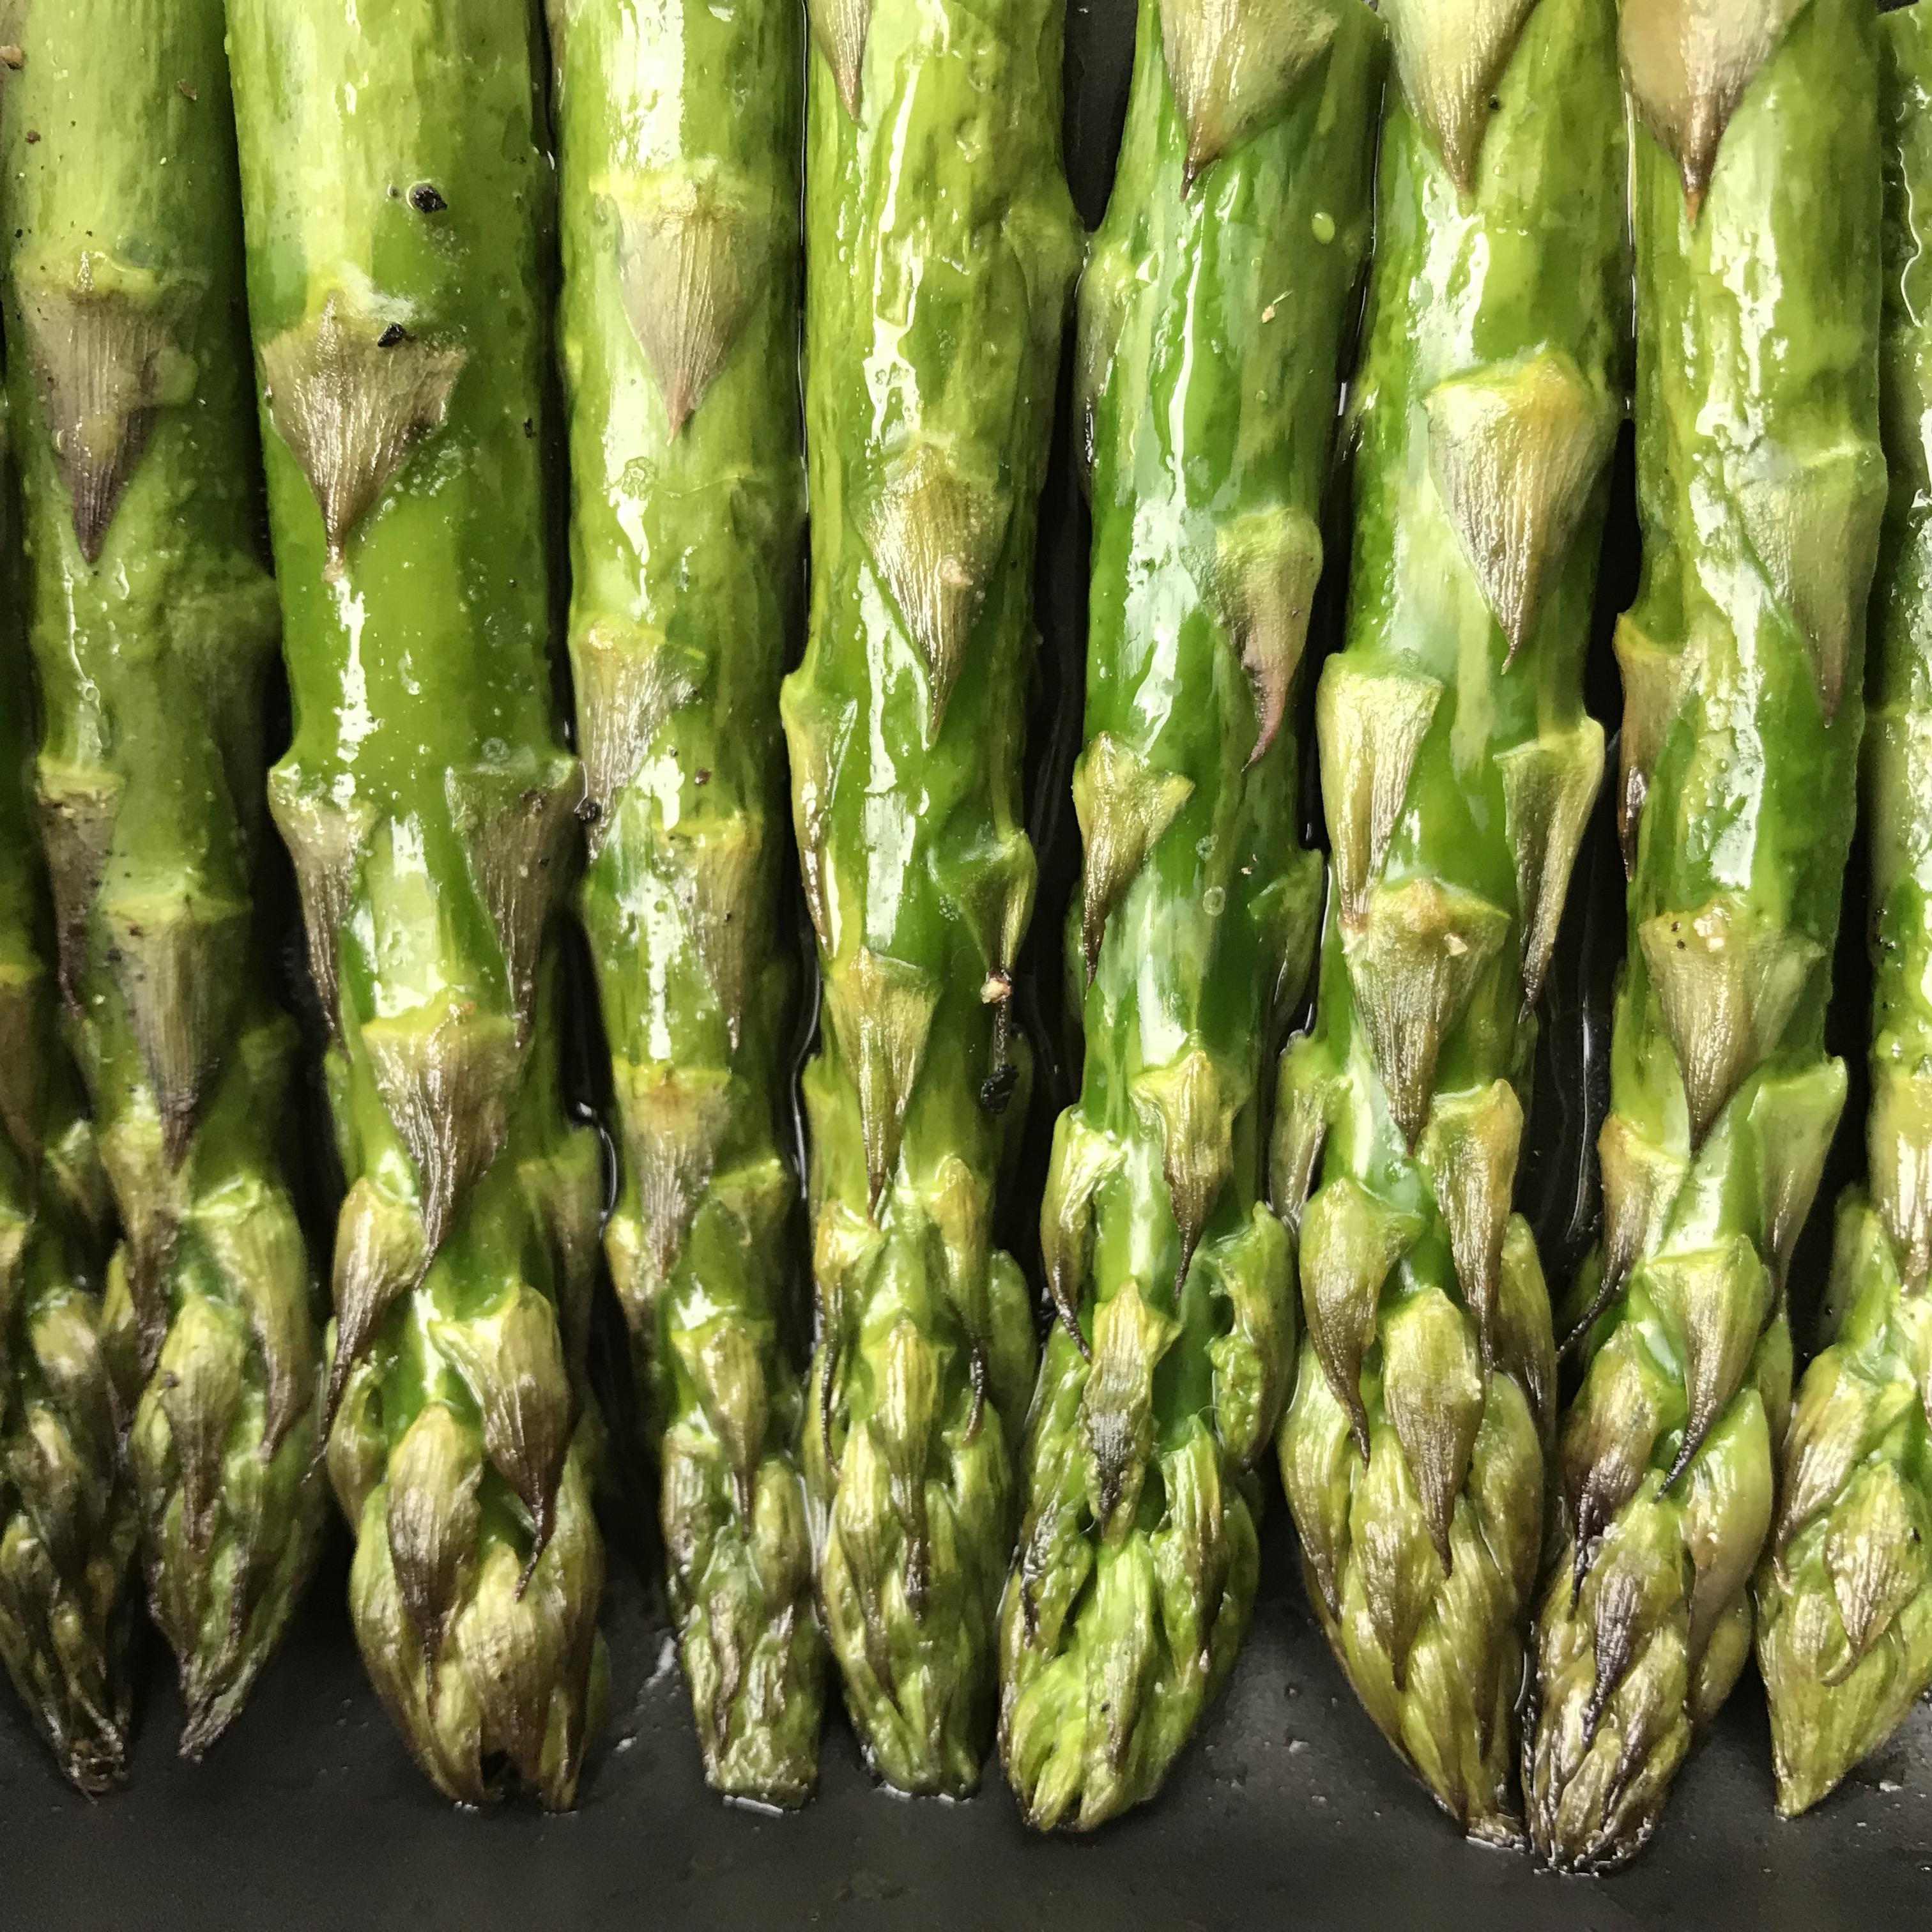 groene asperges